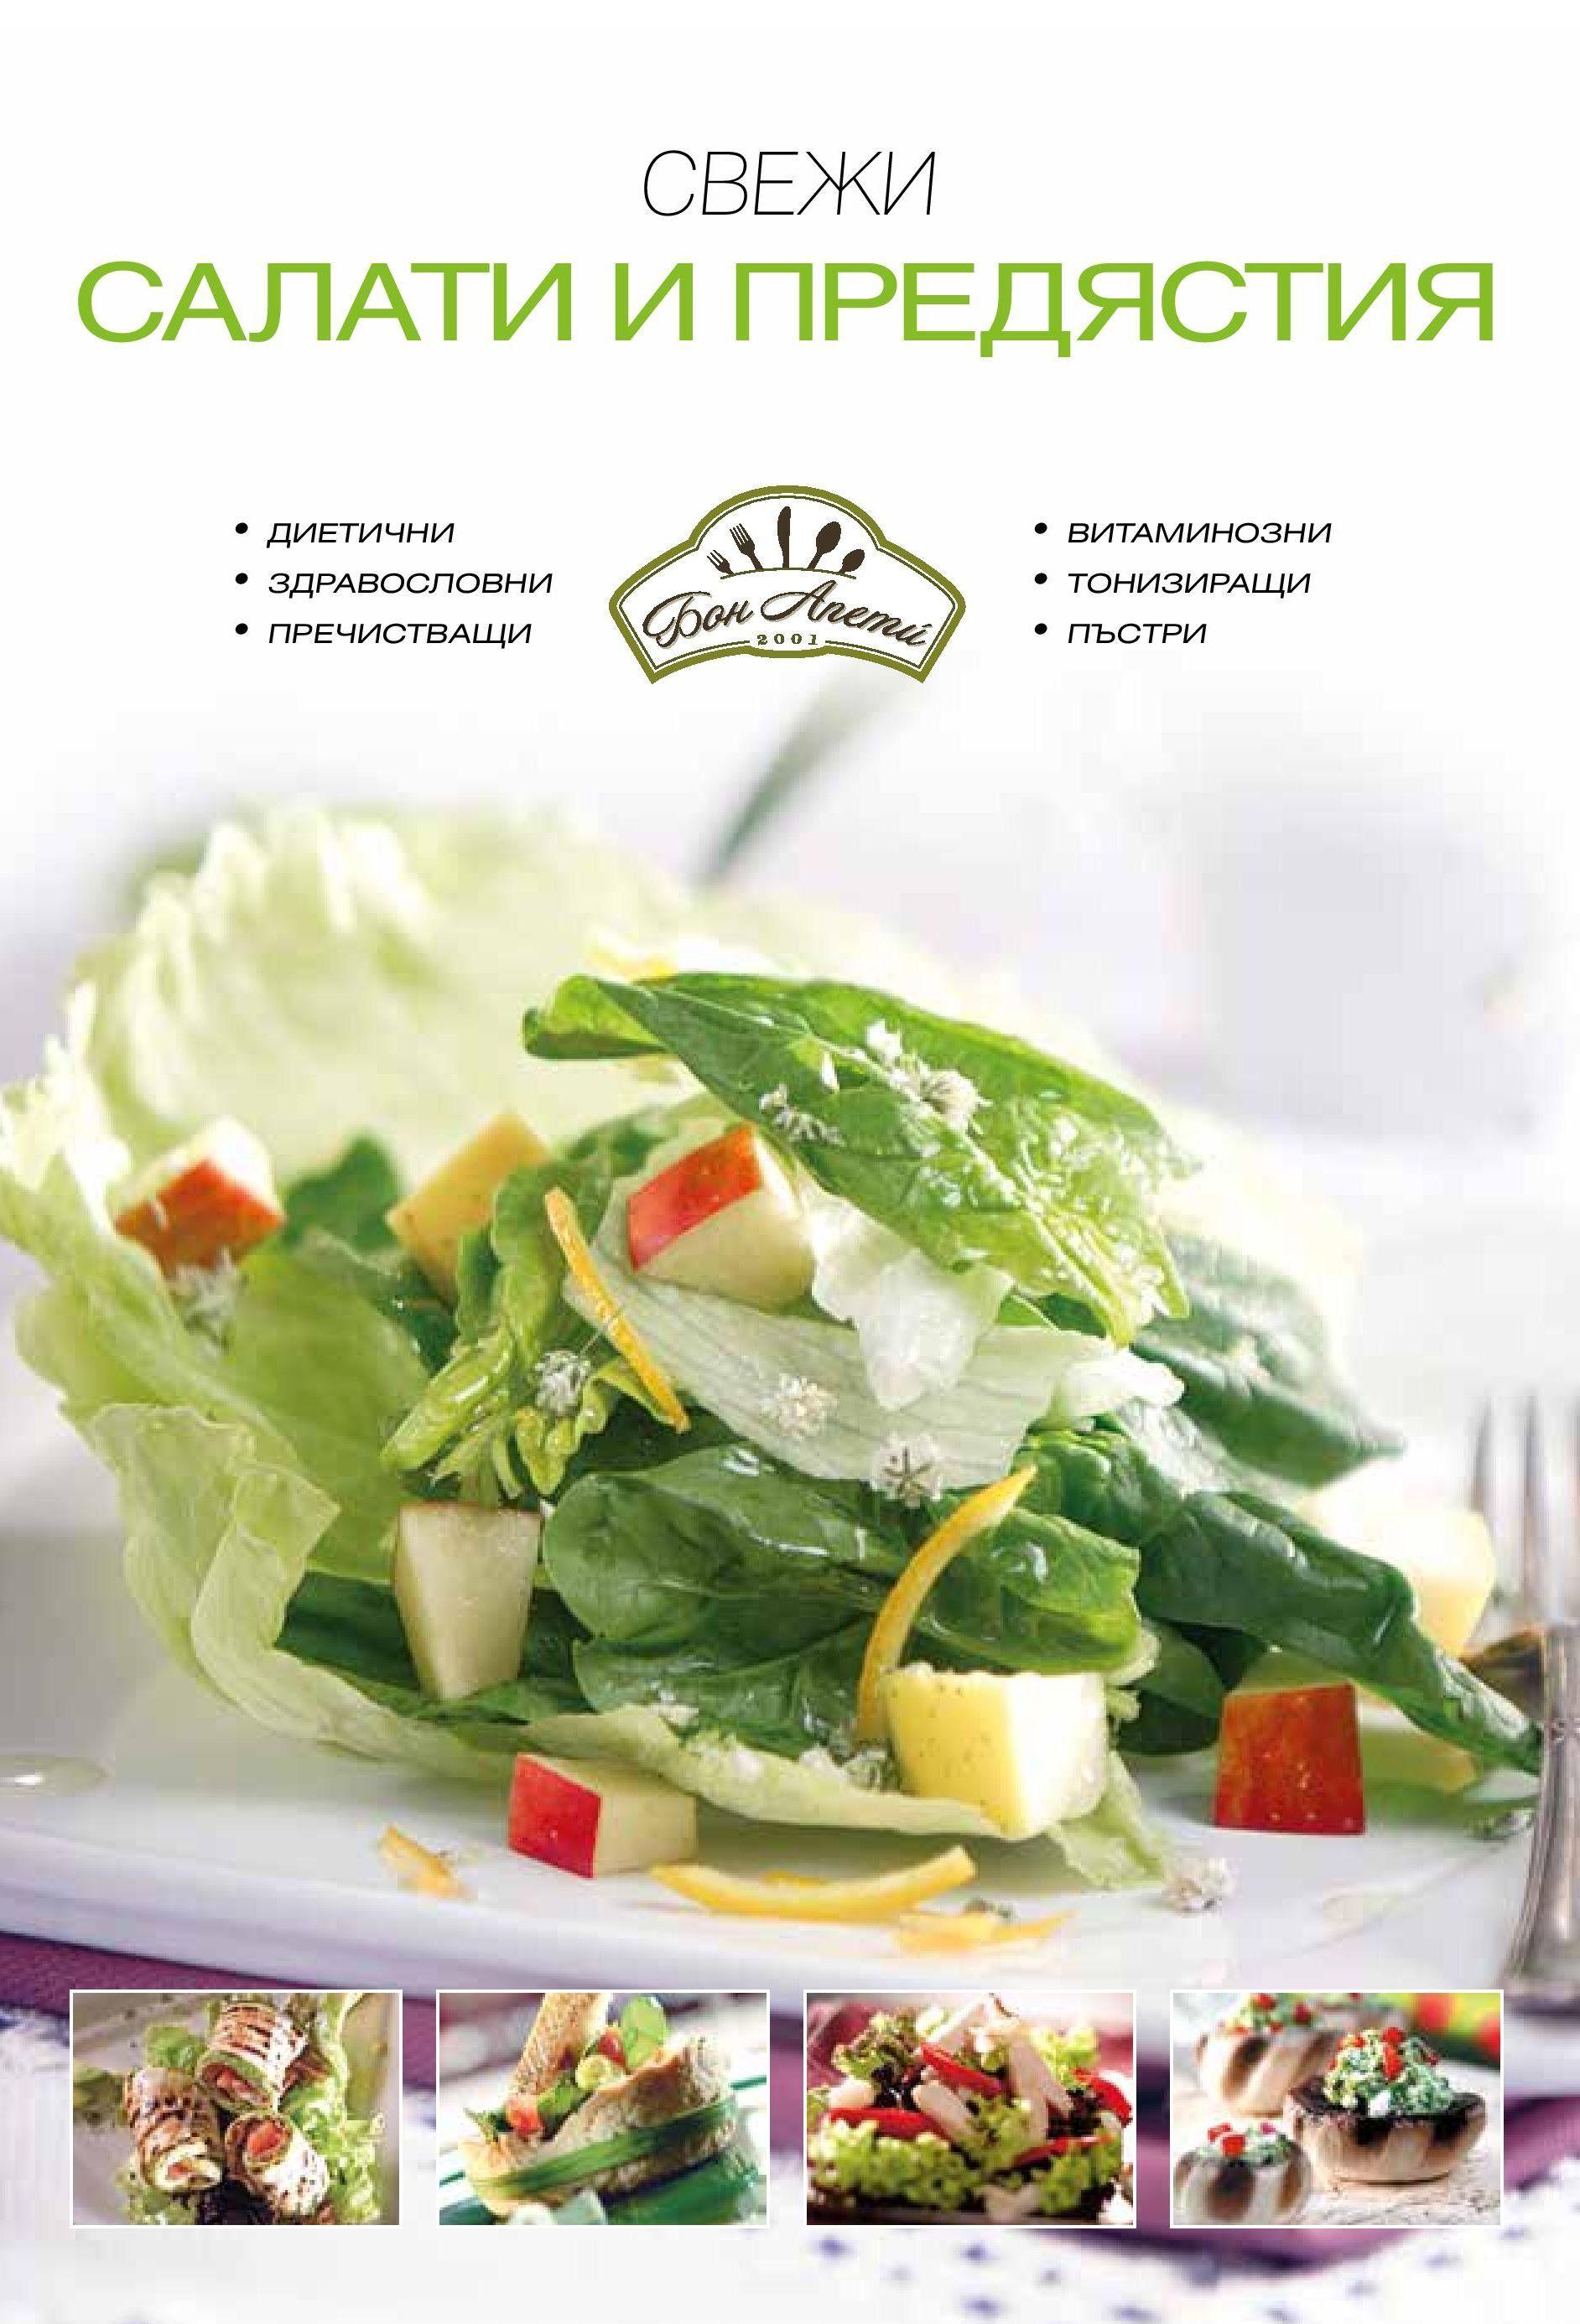 Свежи салати и предястия - 1